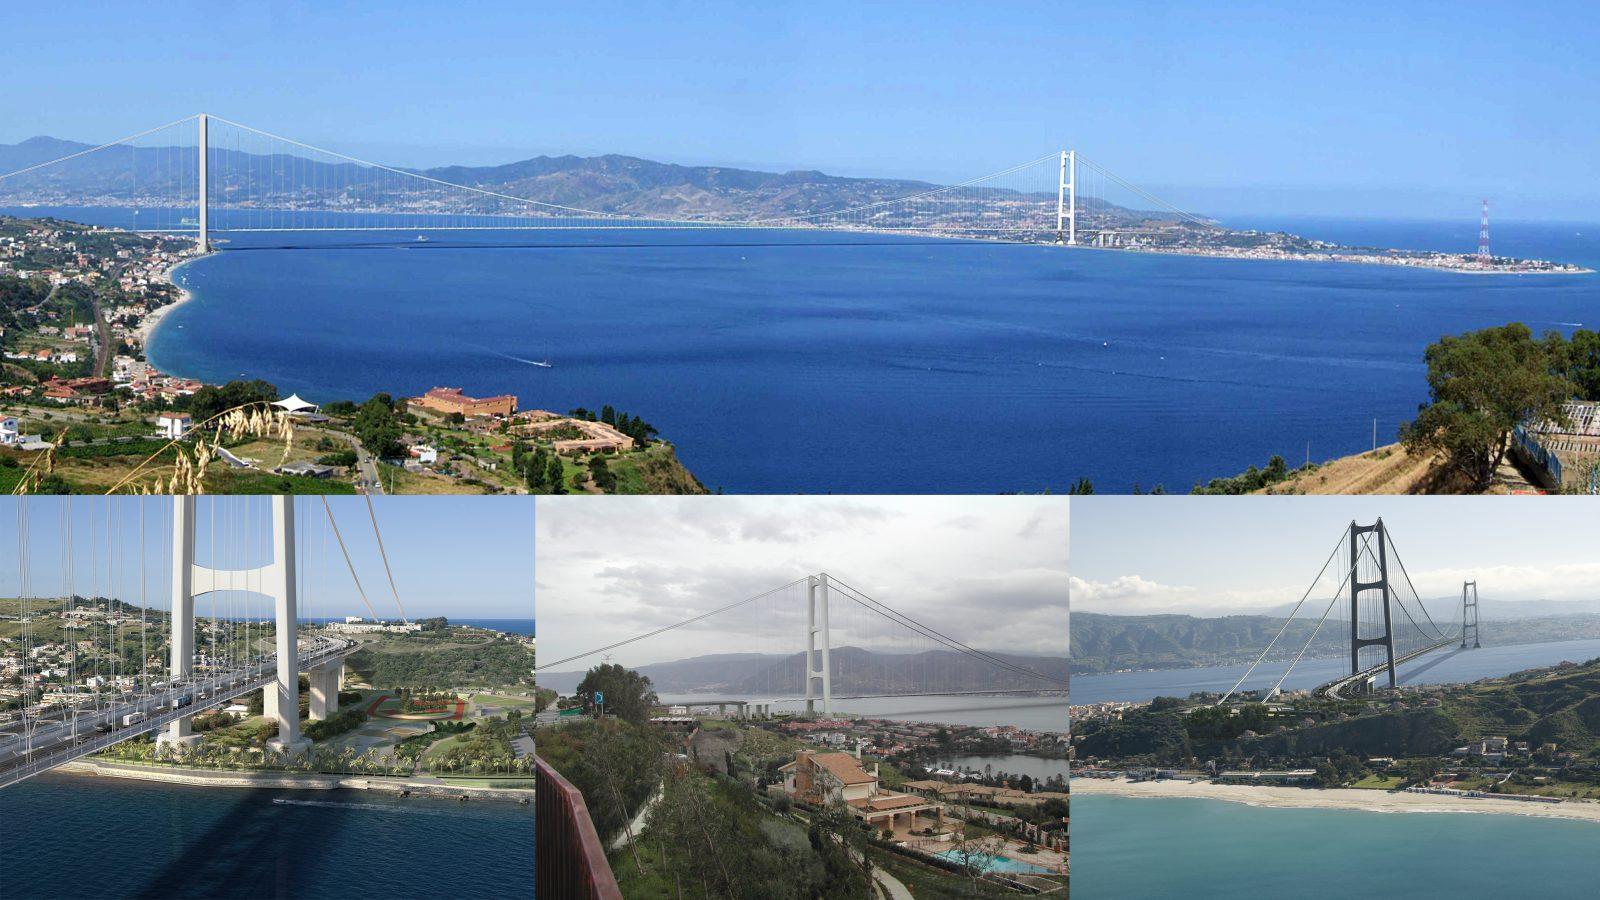 Ponte sullo Stretto di Messina – render del progetto definitivo Eurolink (Società Stretto di Messina)